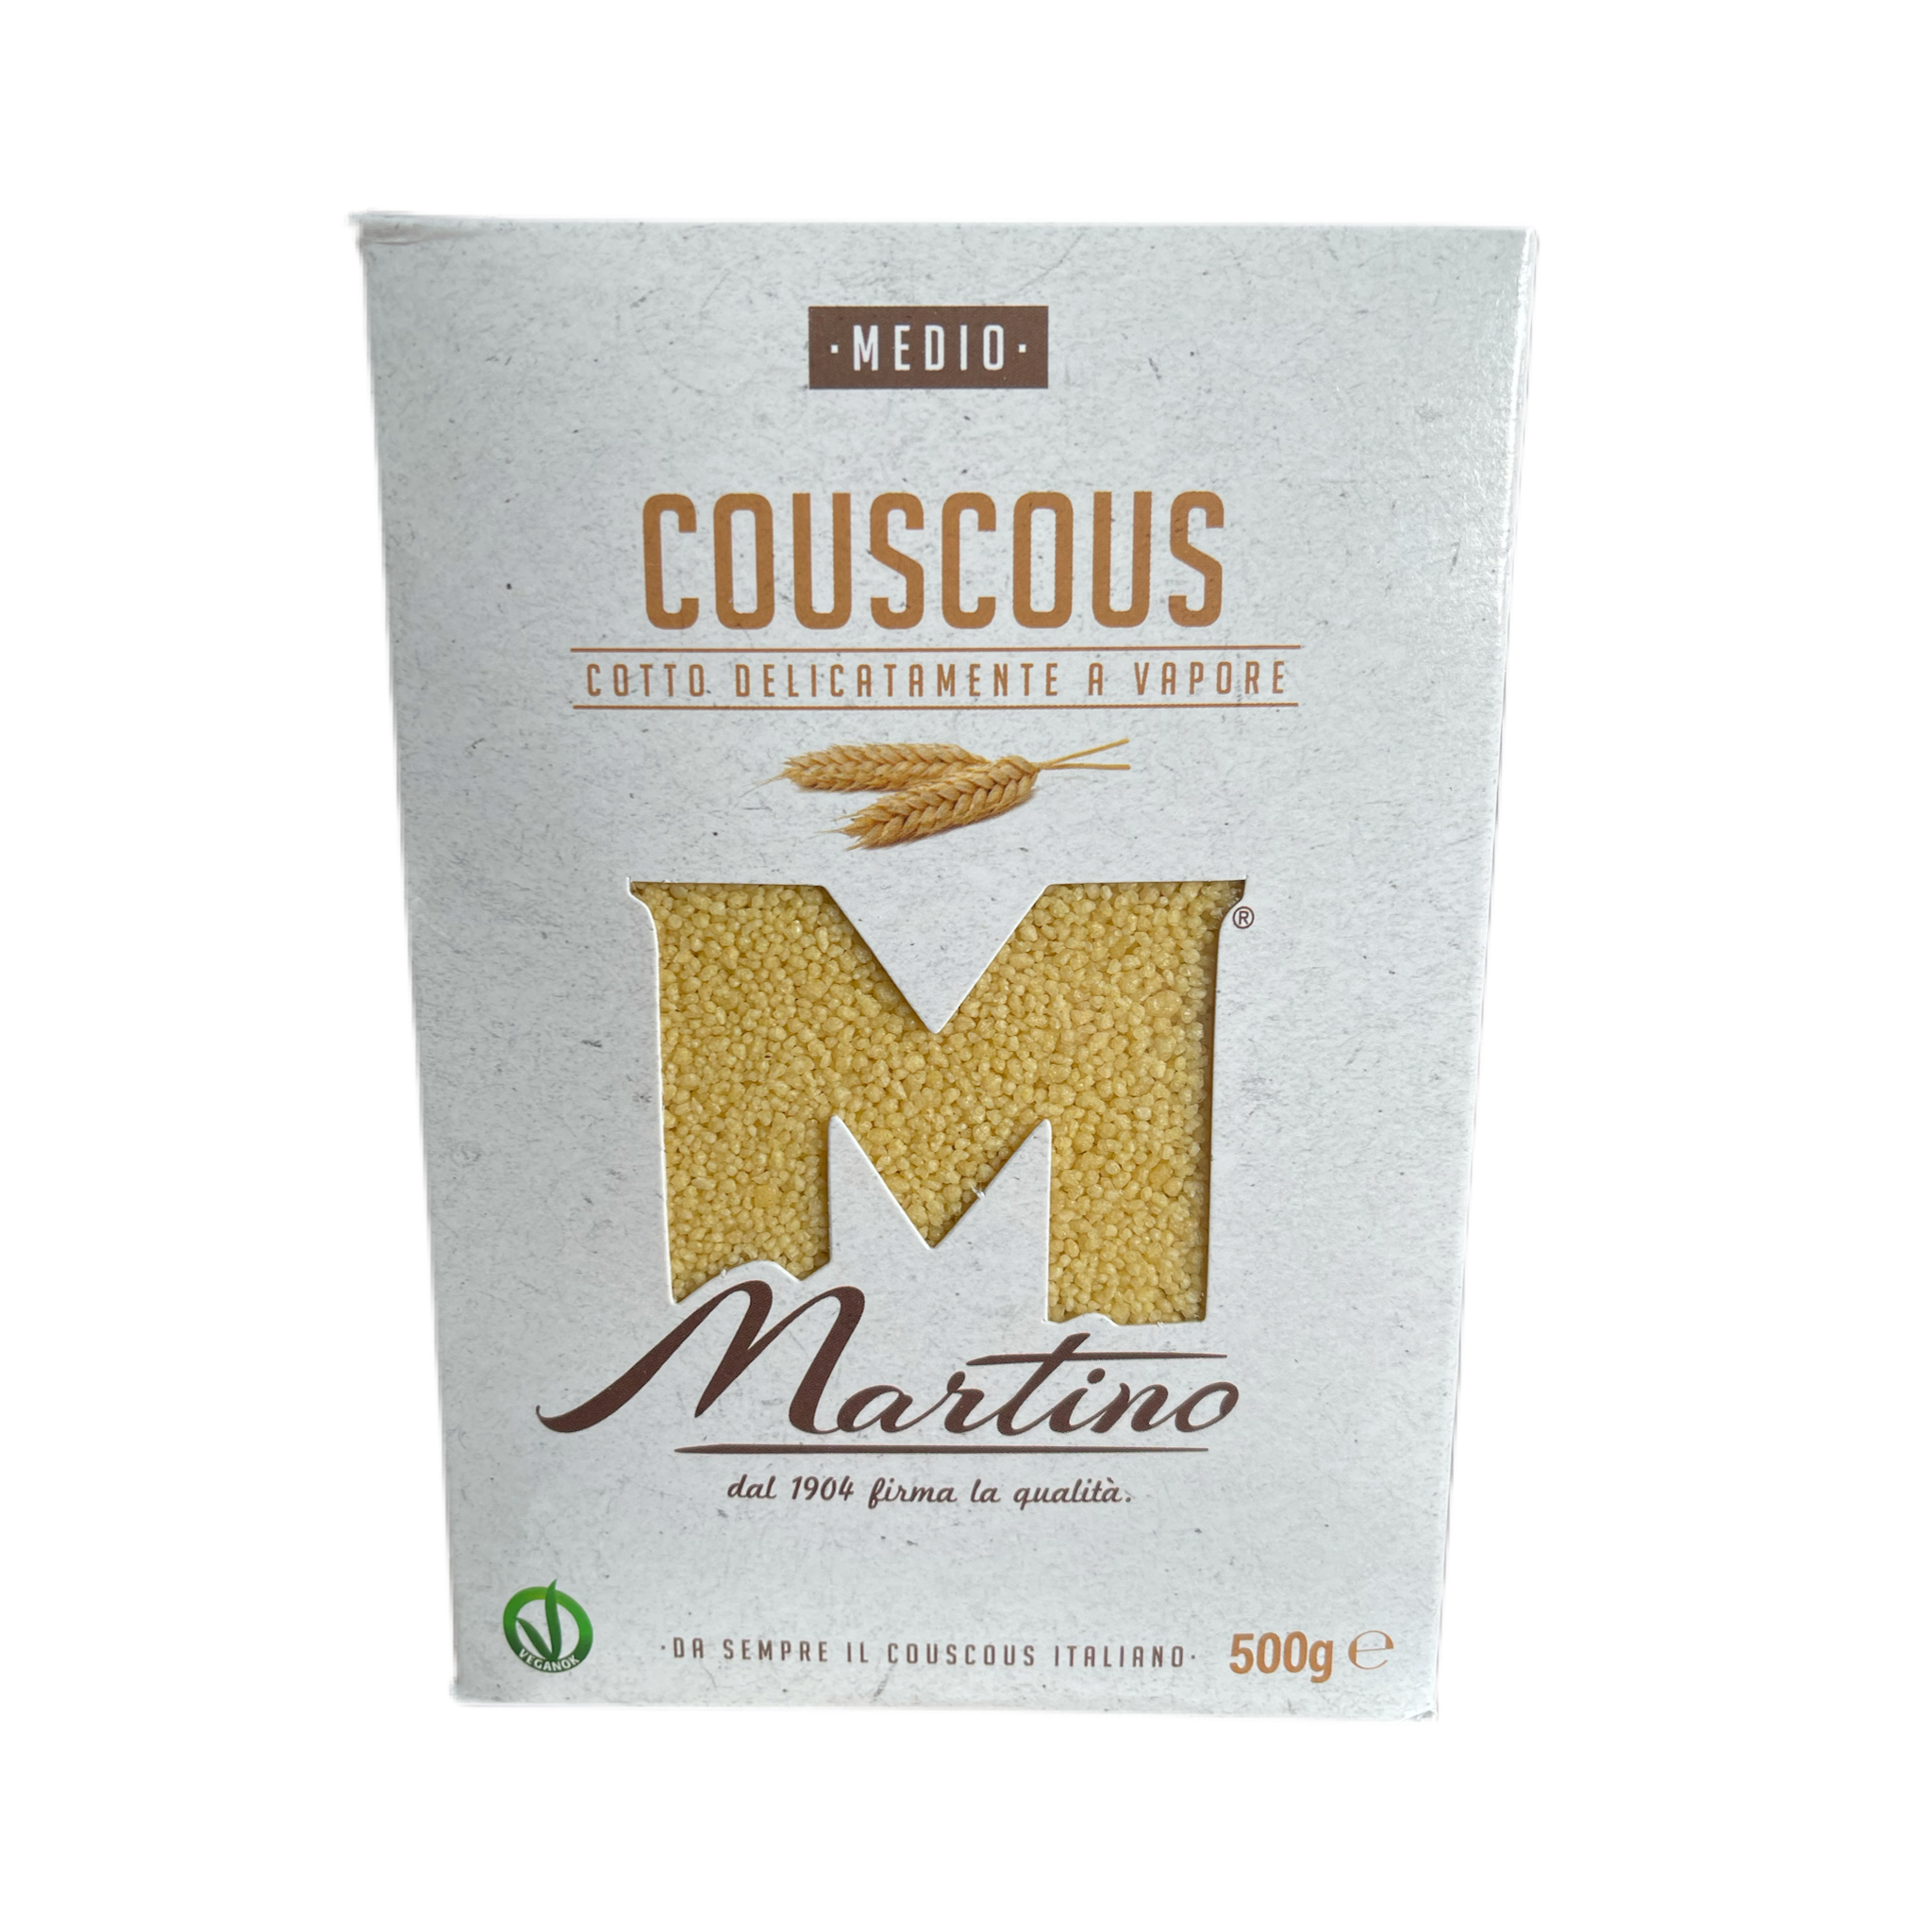 Couscous Medio - 500gr